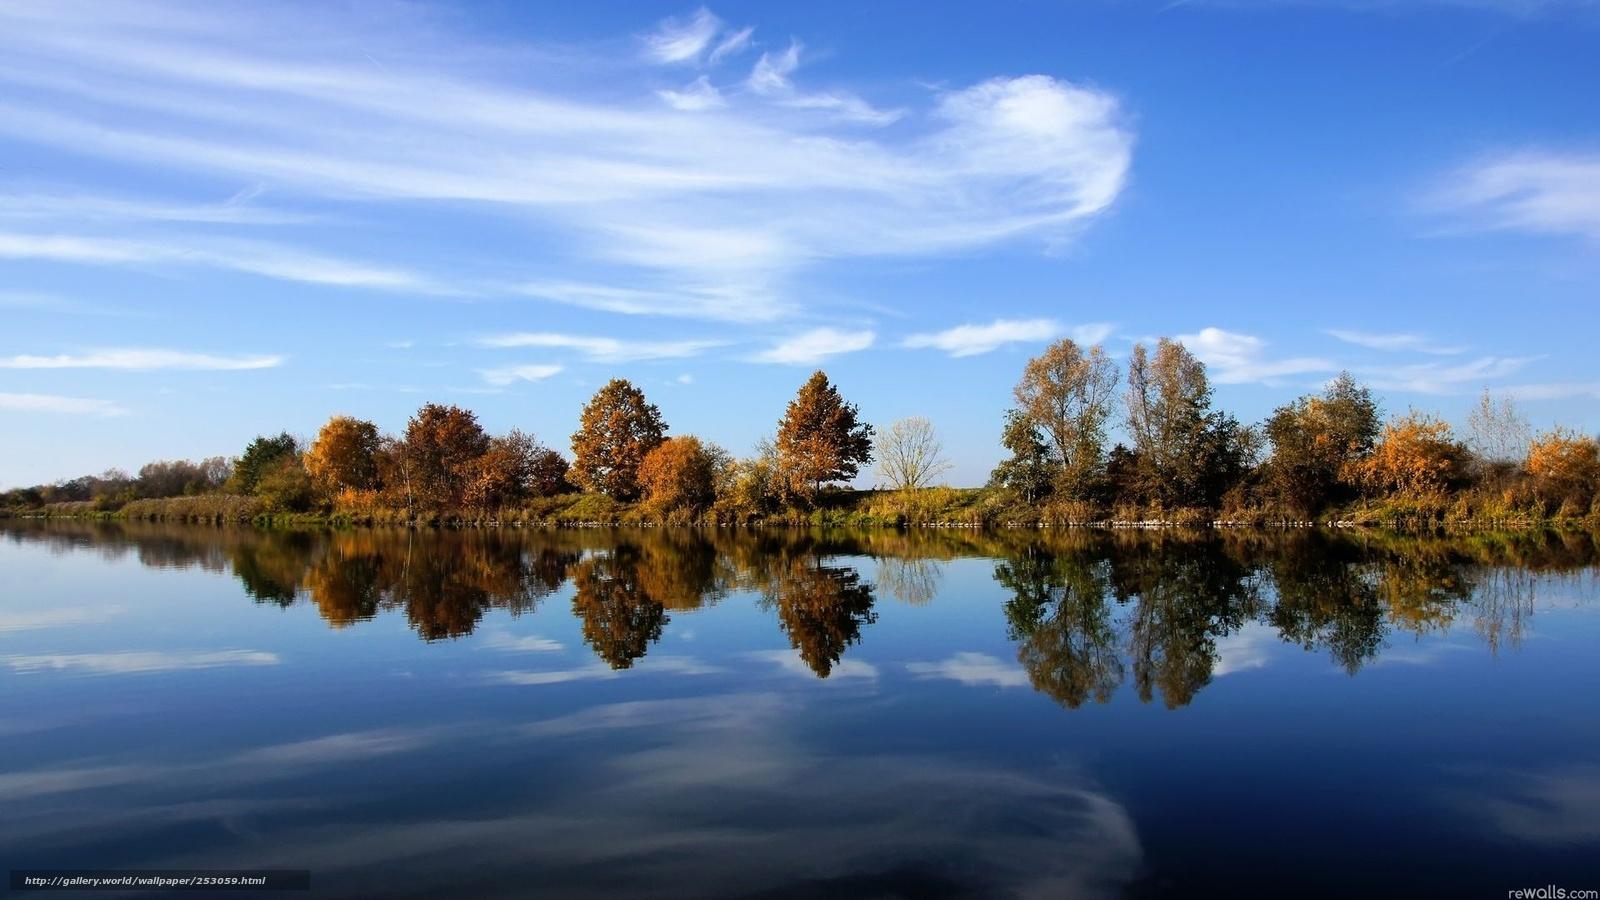 Tlcharger fond d 39 ecran lac ciel paysage fonds d 39 ecran for Bureau fond d ecran